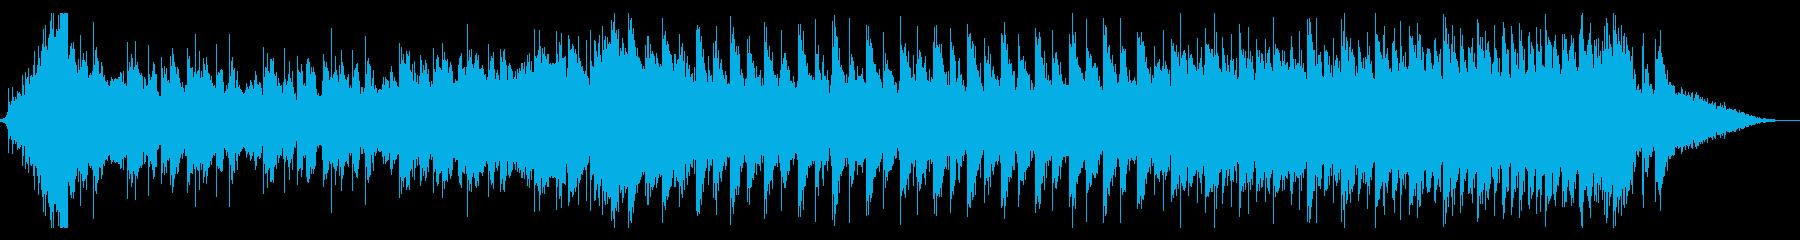 Rock&EDM風の出囃子BGMの再生済みの波形